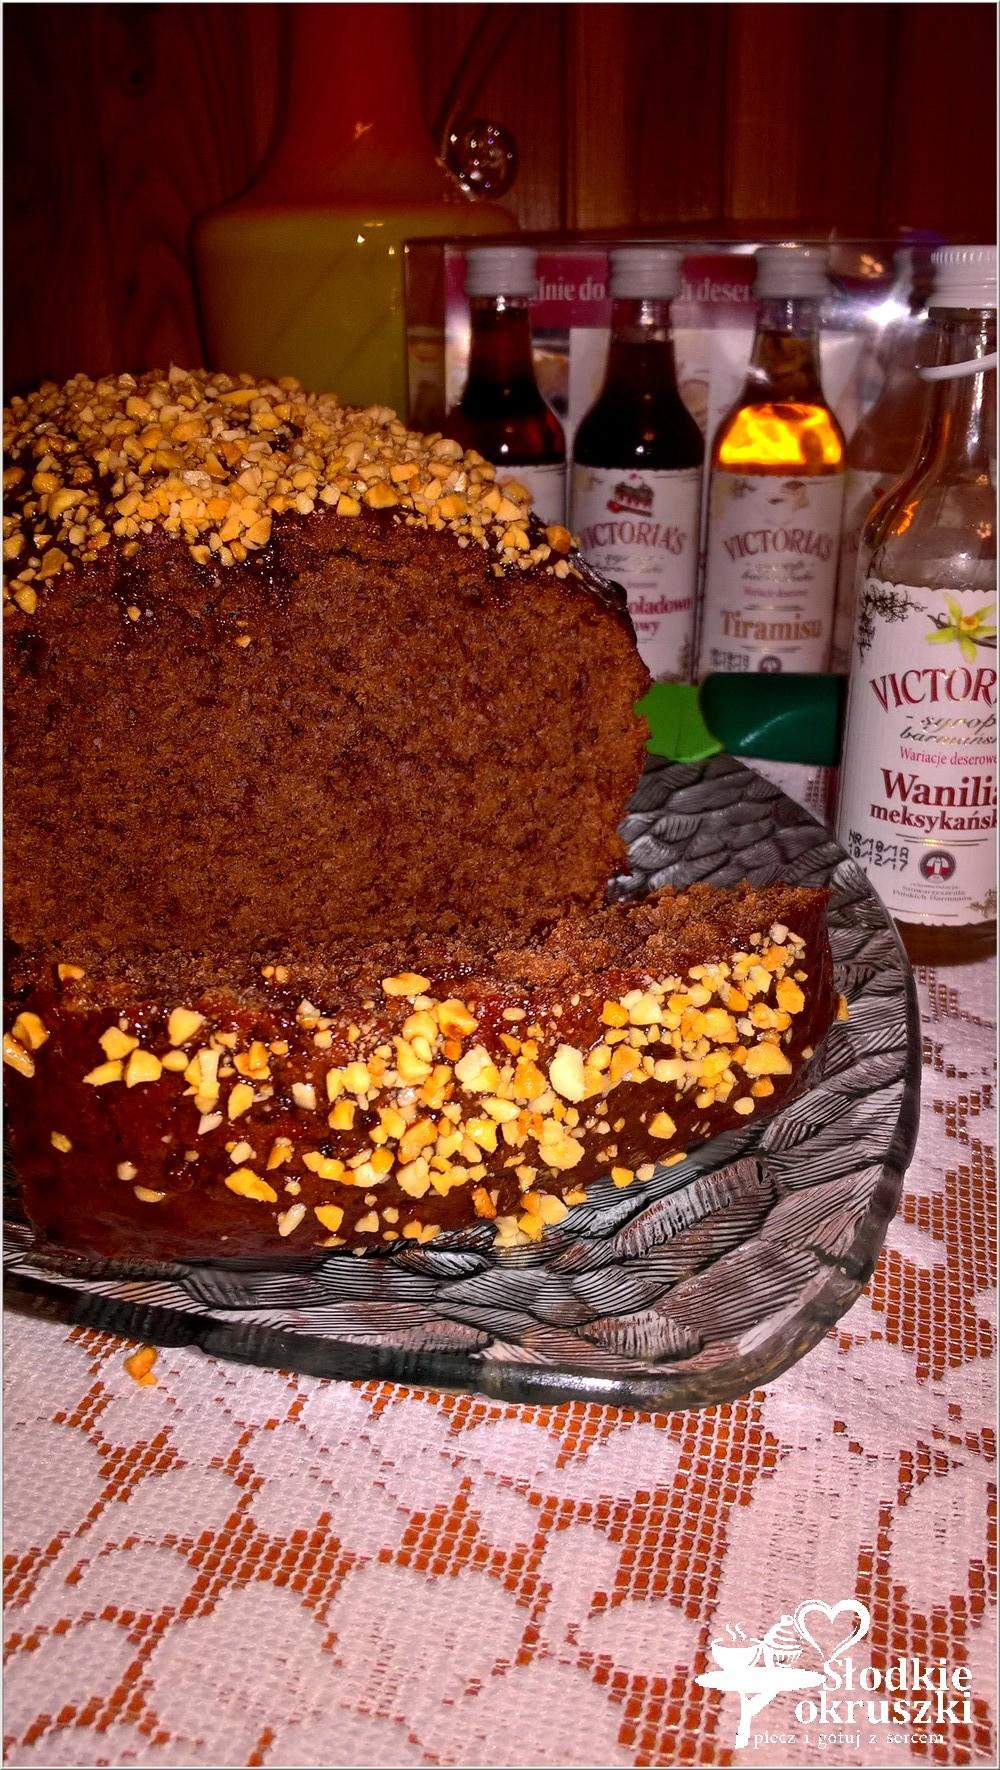 ciasto-czekoladowe-aromatyzowane-syropem-o-smaku-wanilii-meksykanskiej